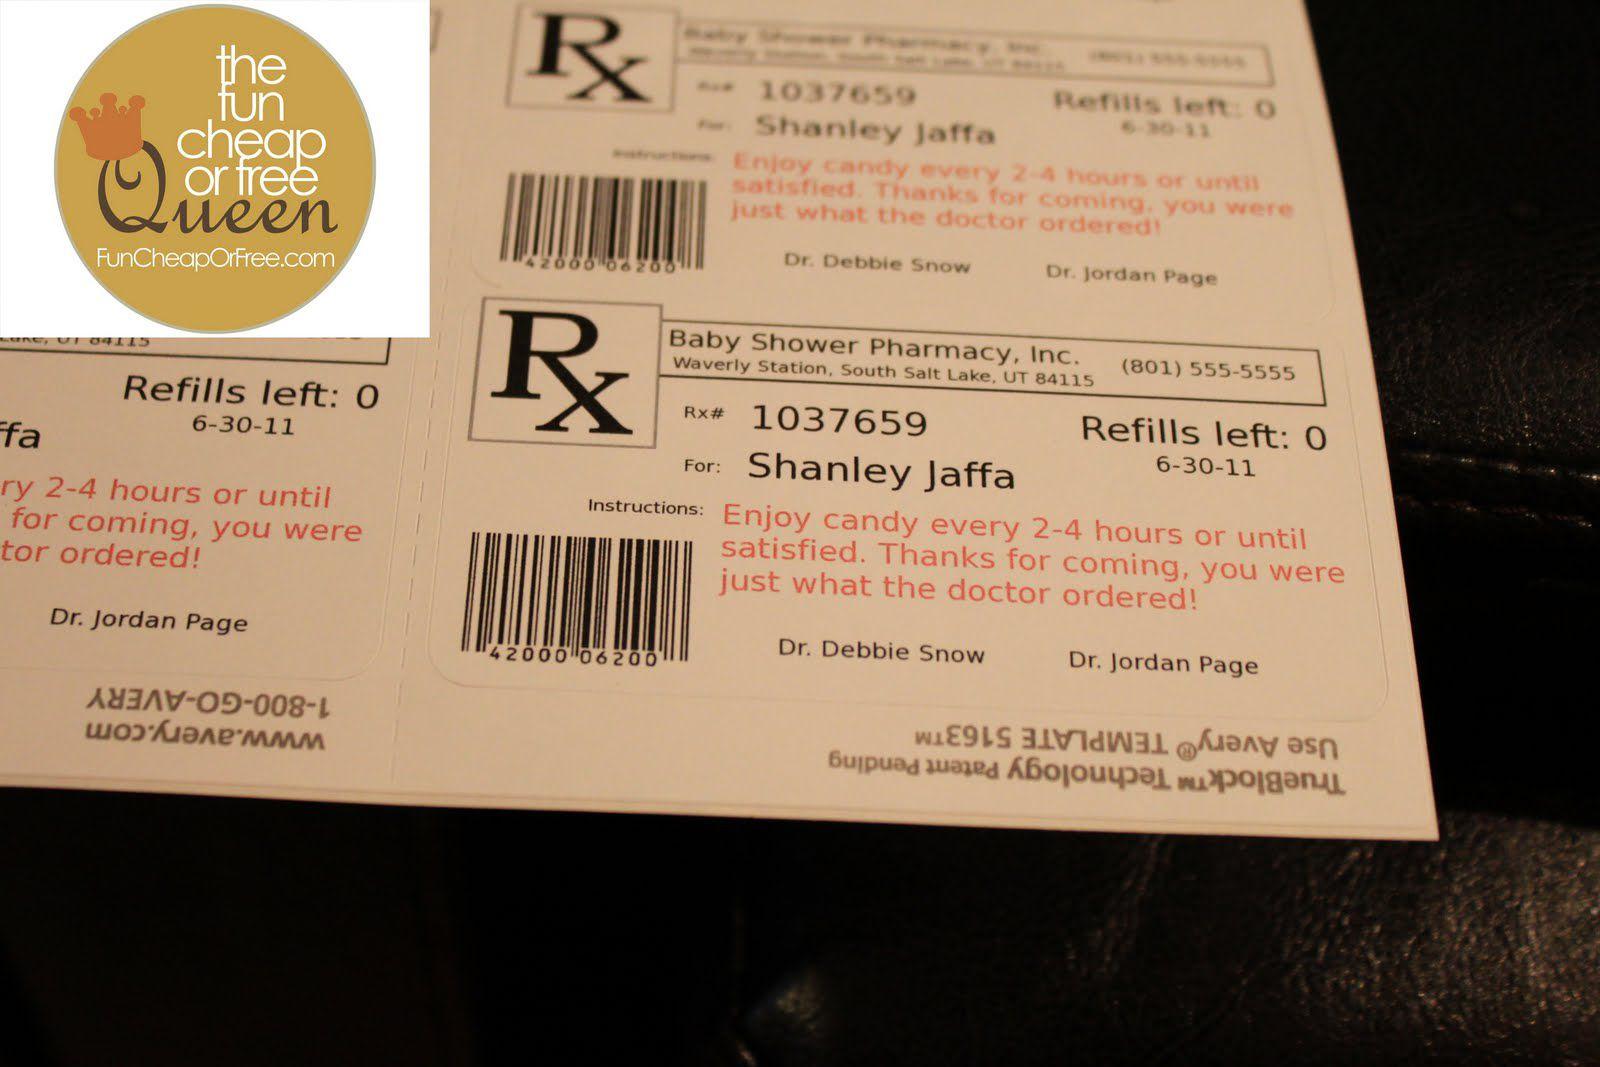 006 Outstanding Fake Prescription Bottle Label Template Design Full